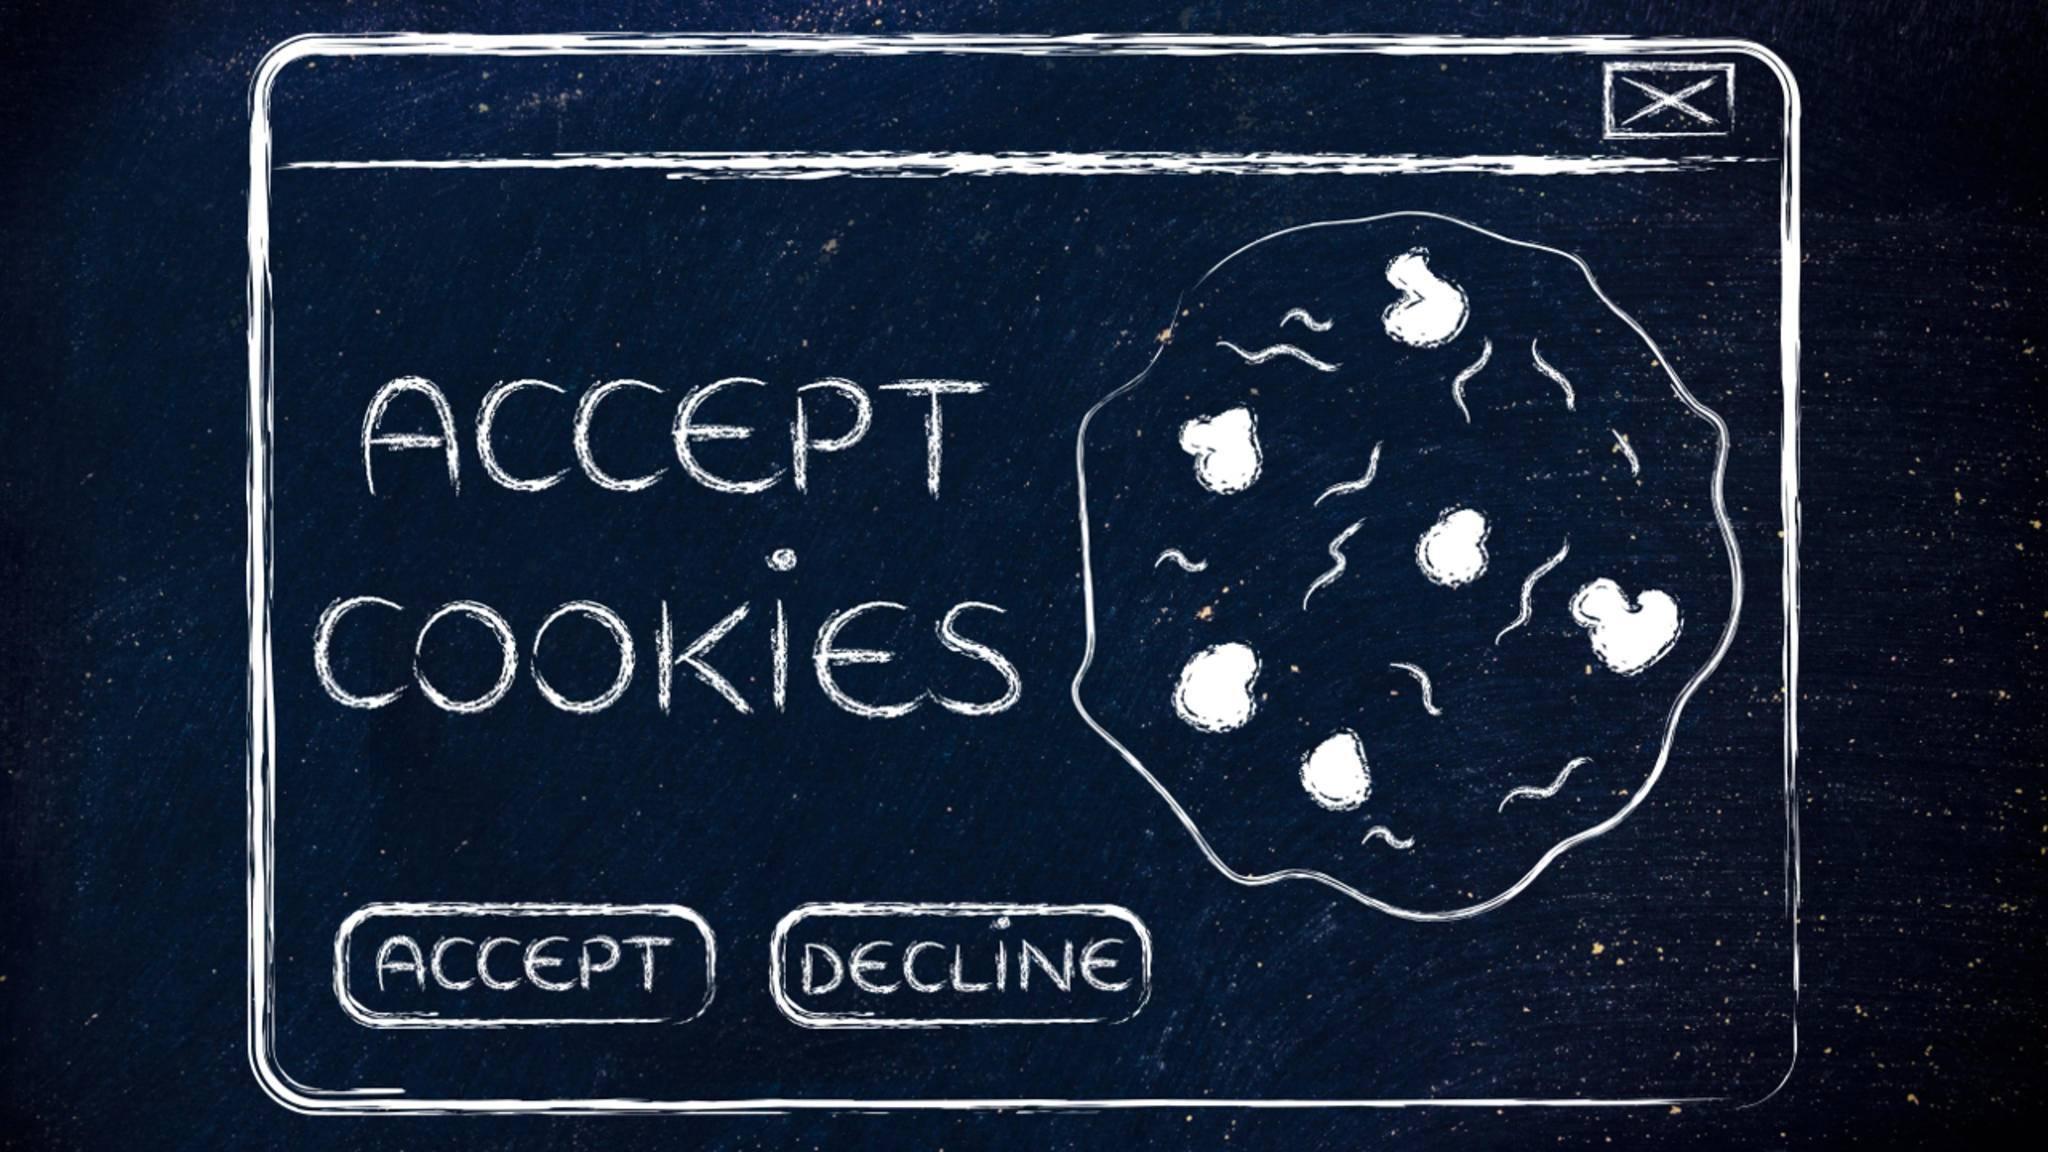 Die Cookies im Internet haben nichts mit Keksen zu tun.